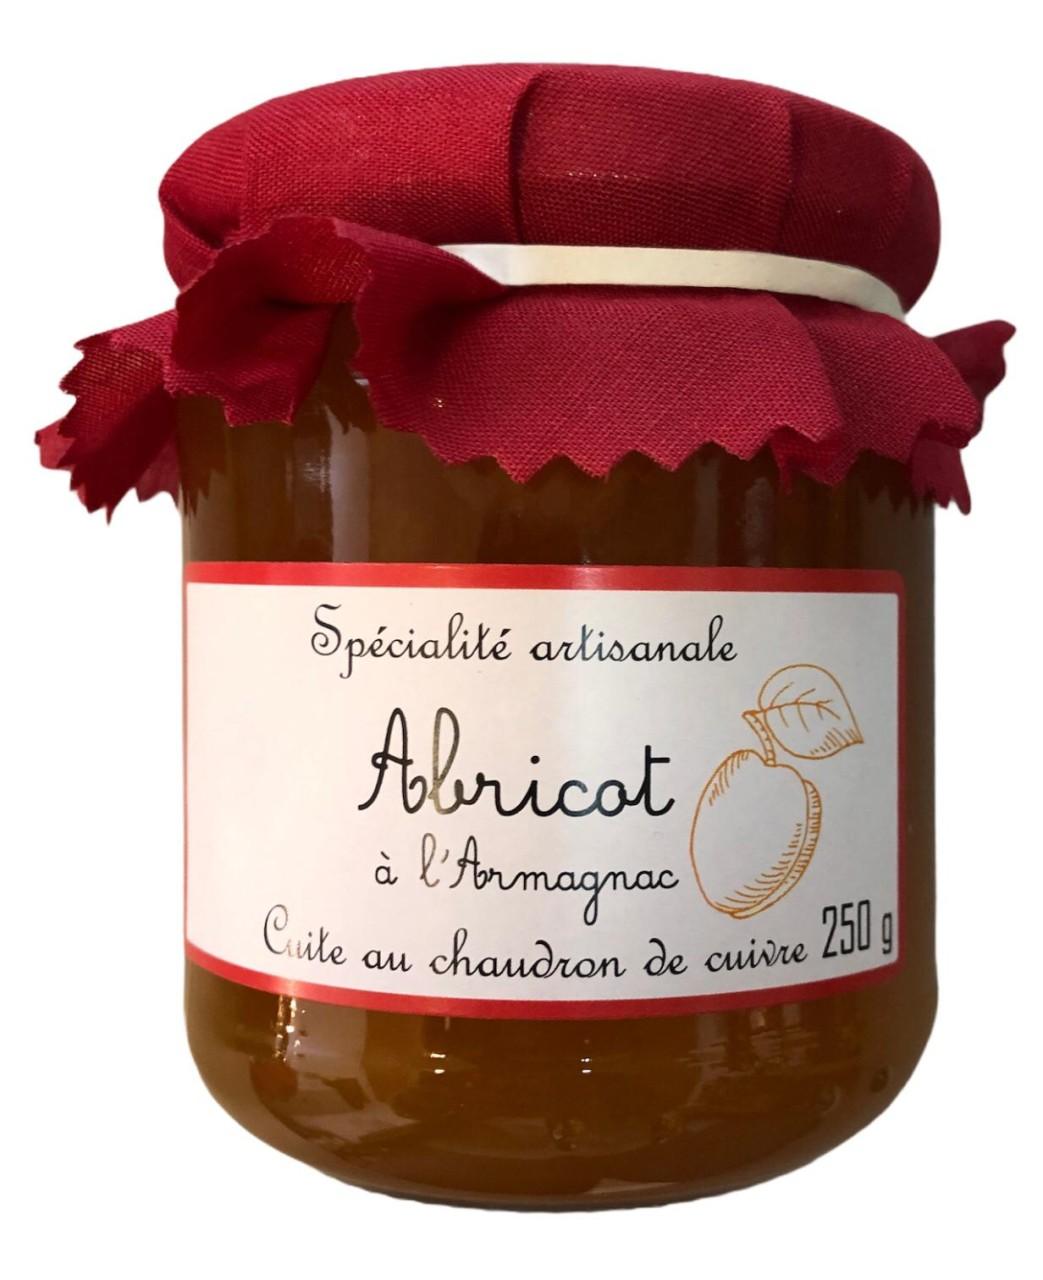 Cuite au chaudron de cuivze Aprikosenkonfitüre mit Armagnac 250g